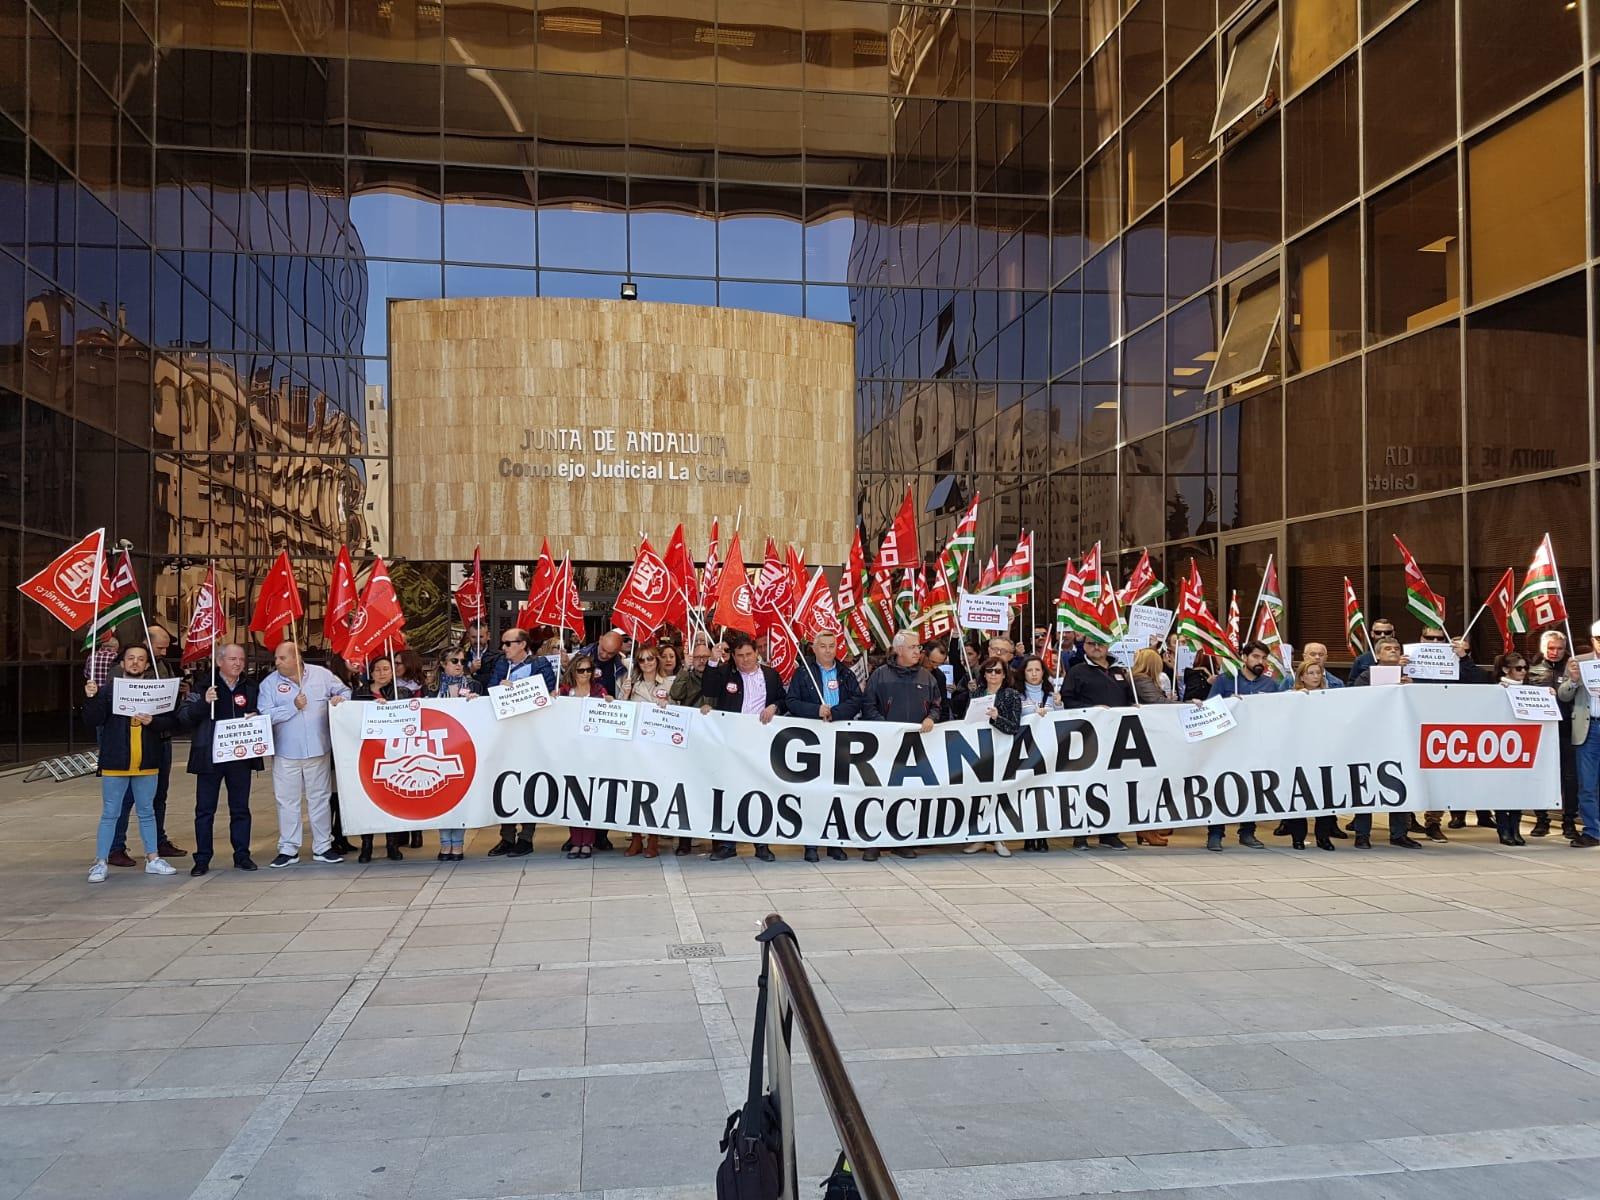 Los sindicatos se concentran contra la siniestralidad laboral, que en el último año creció un 5% en Granada